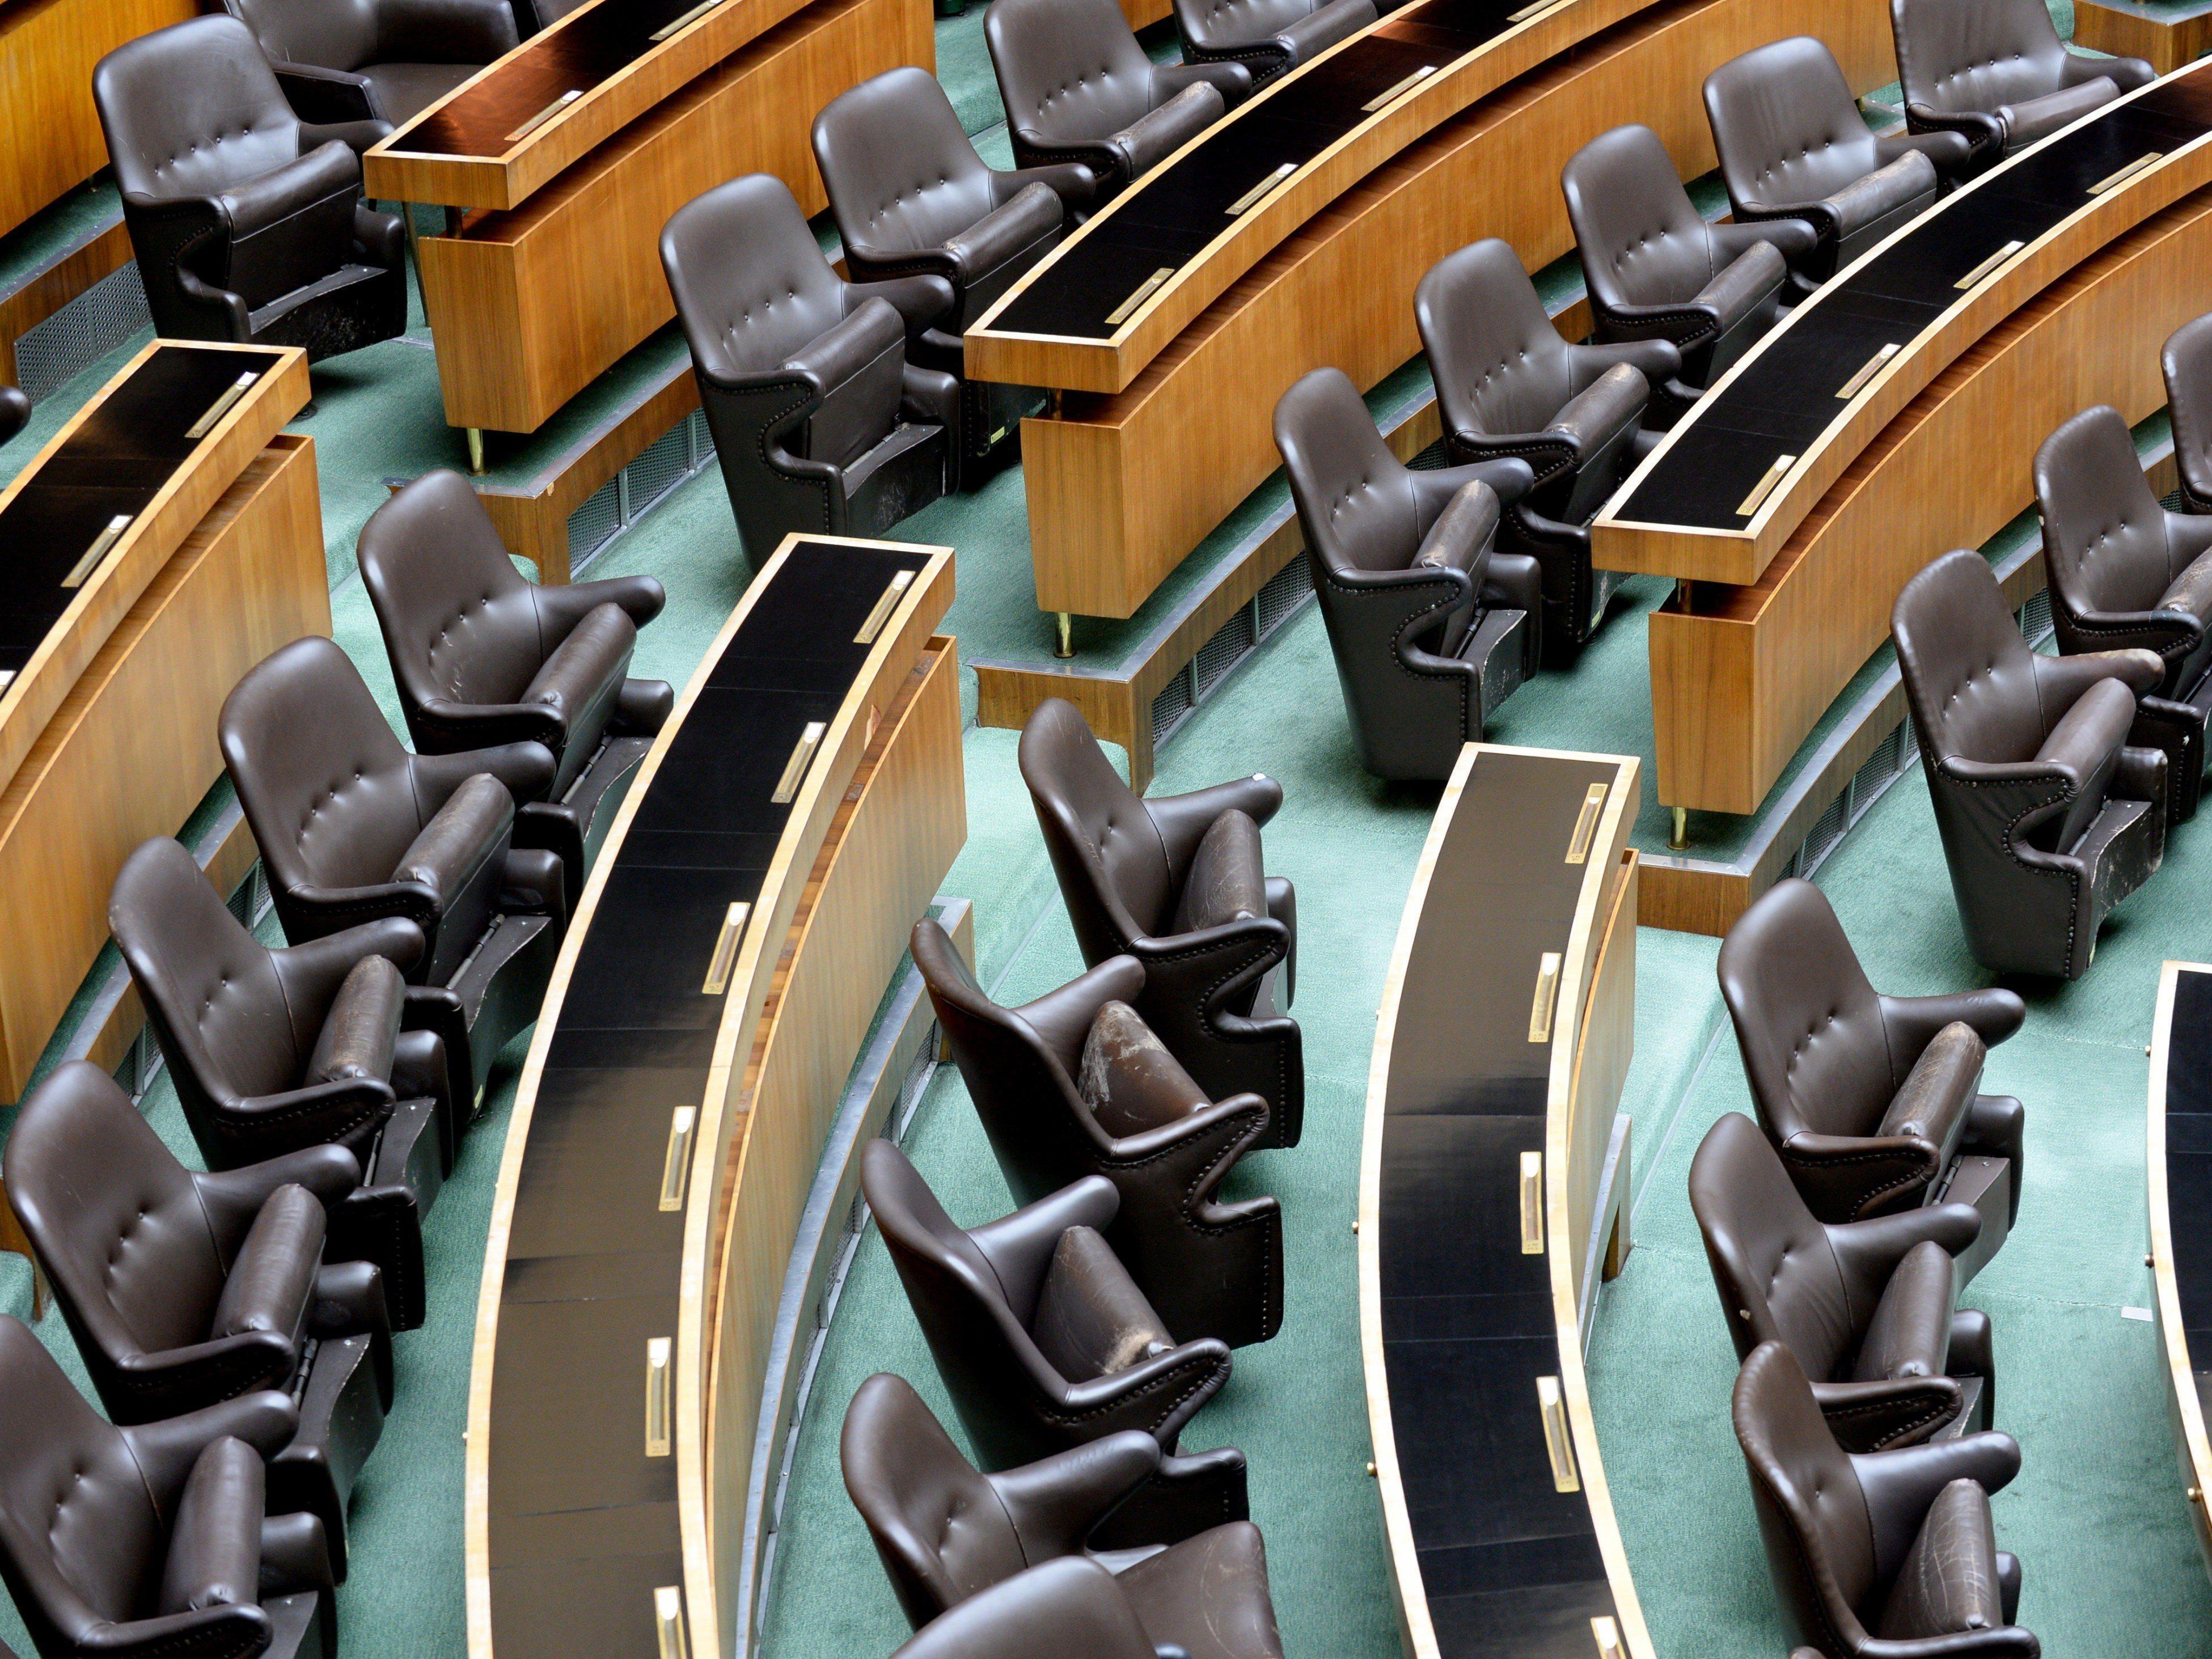 Wer auf diesen Stühlen Platz nimmt, verdient im internationalen Vergleich ausgezeichnet.